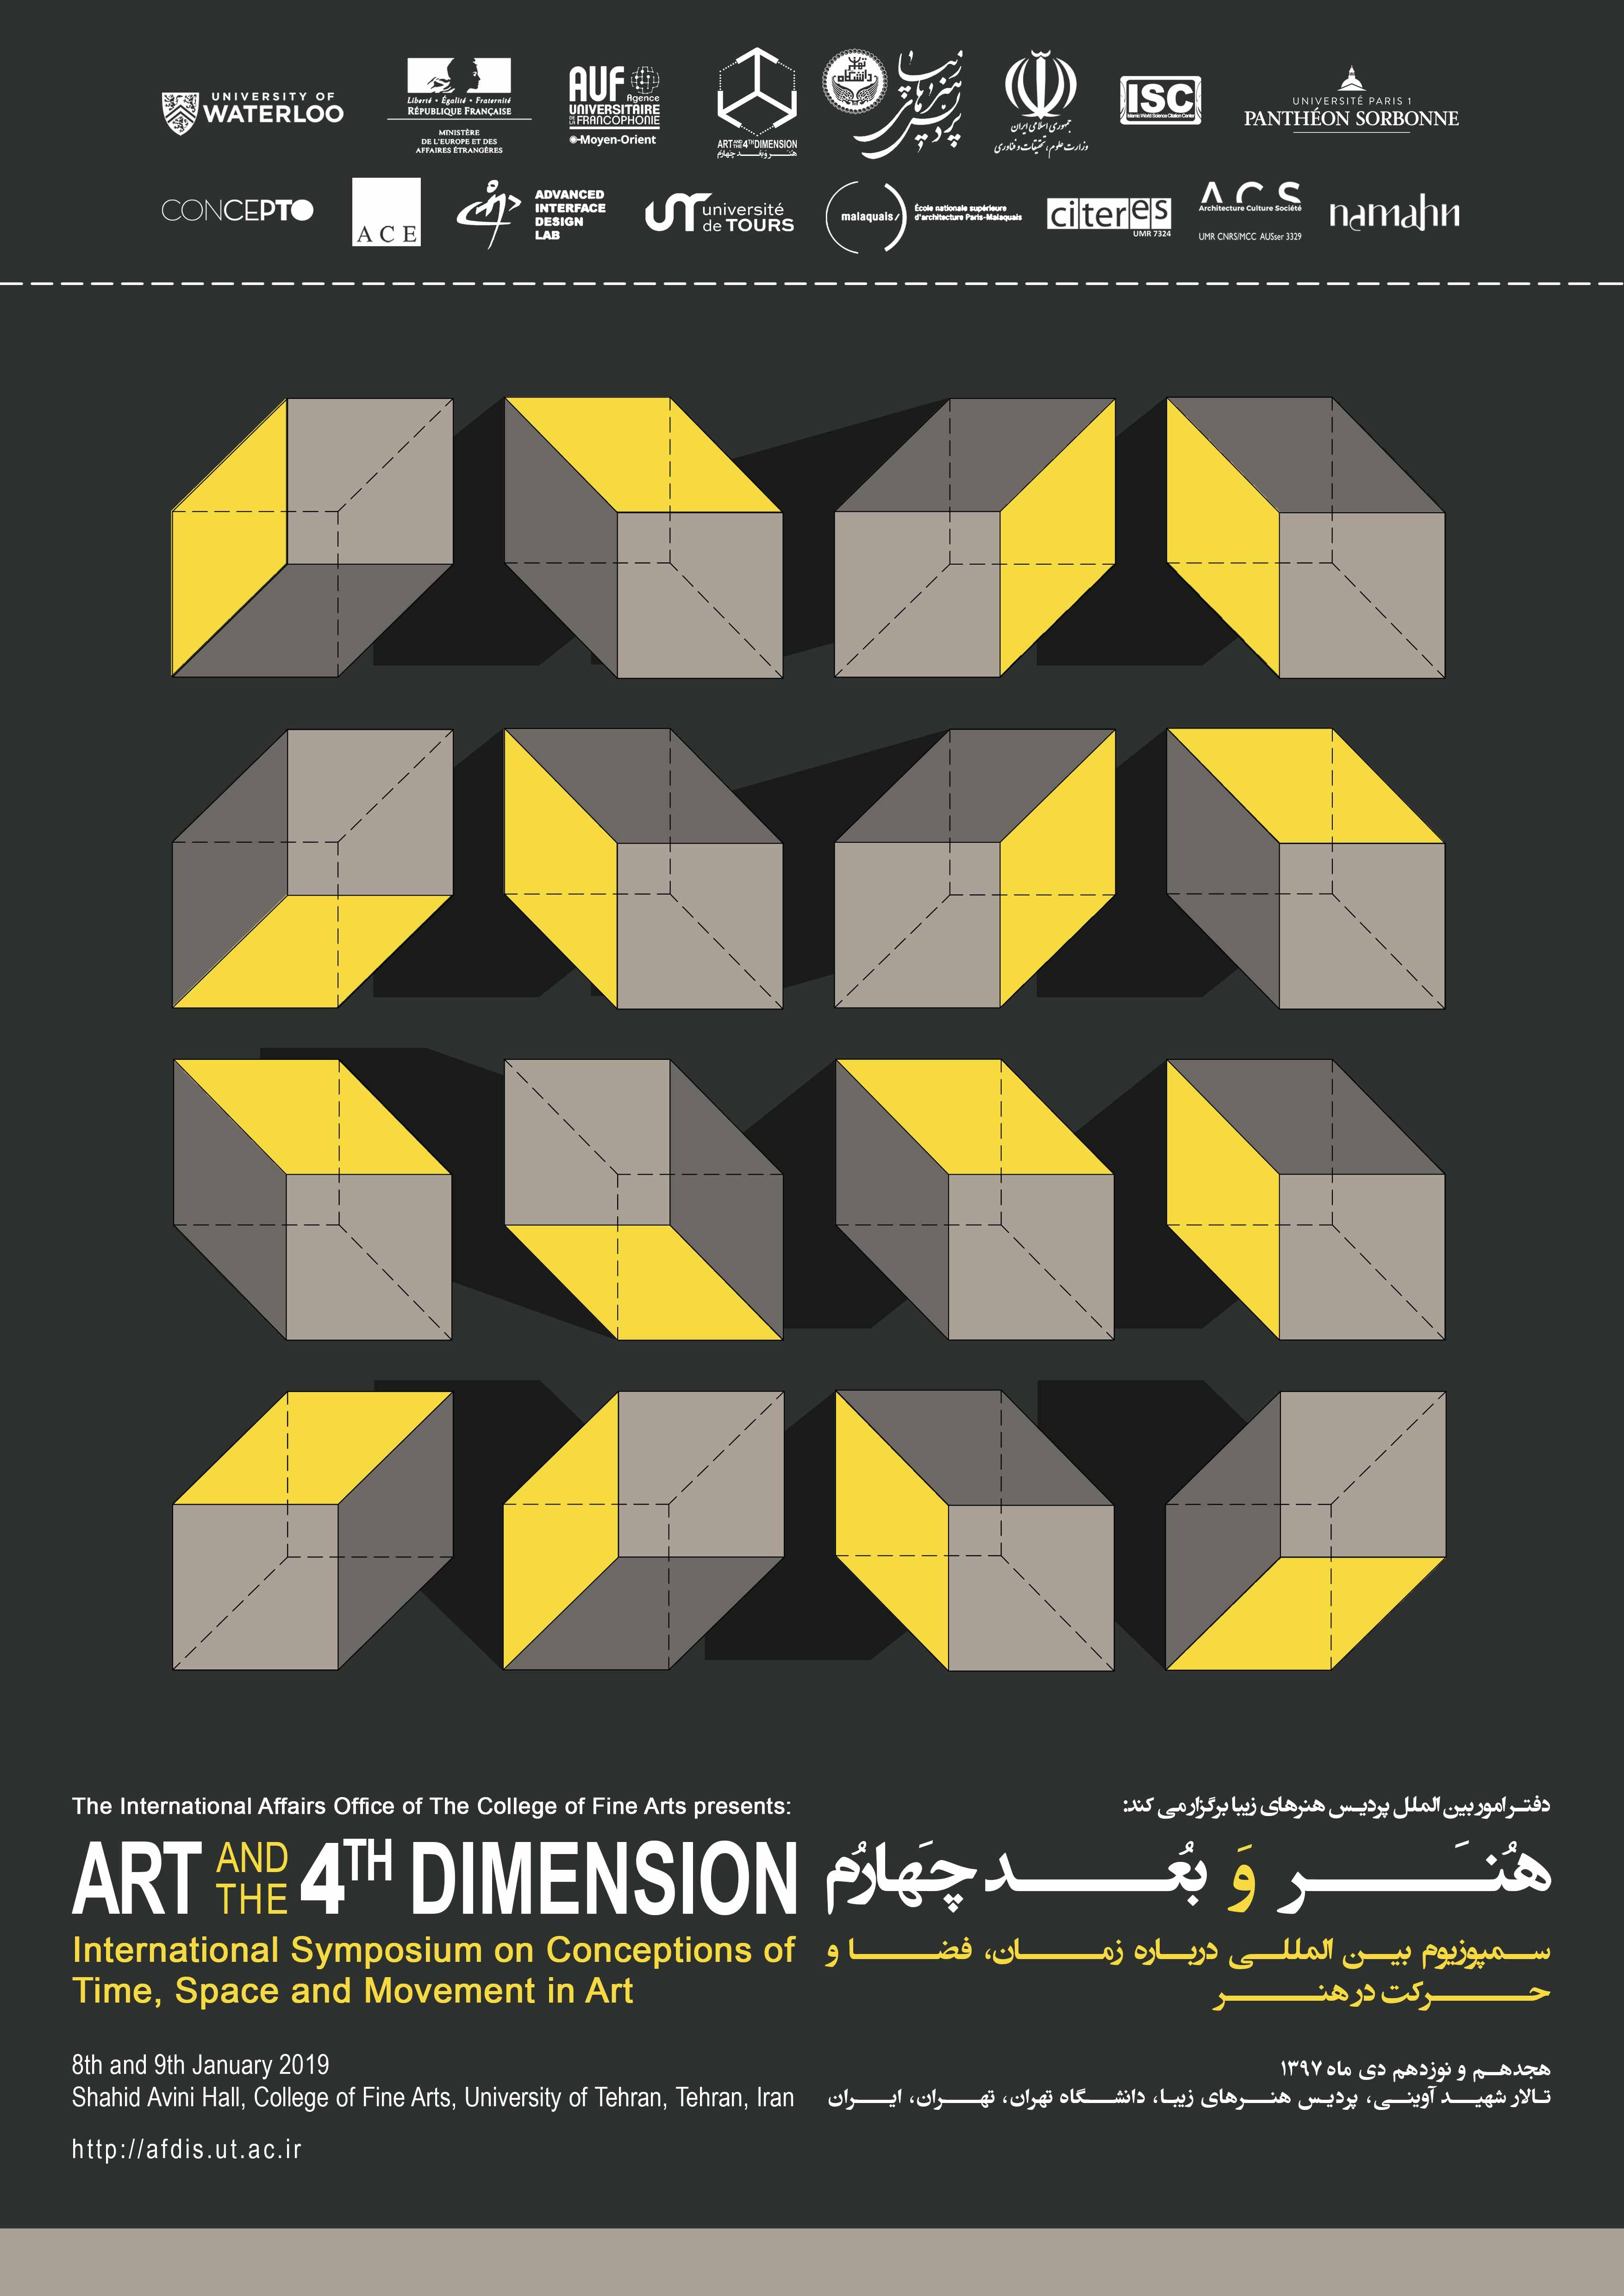 هنر و بعد چهارم: سمپوزیوم بین المللی درباره زمان، فضا و حرکت در هنر